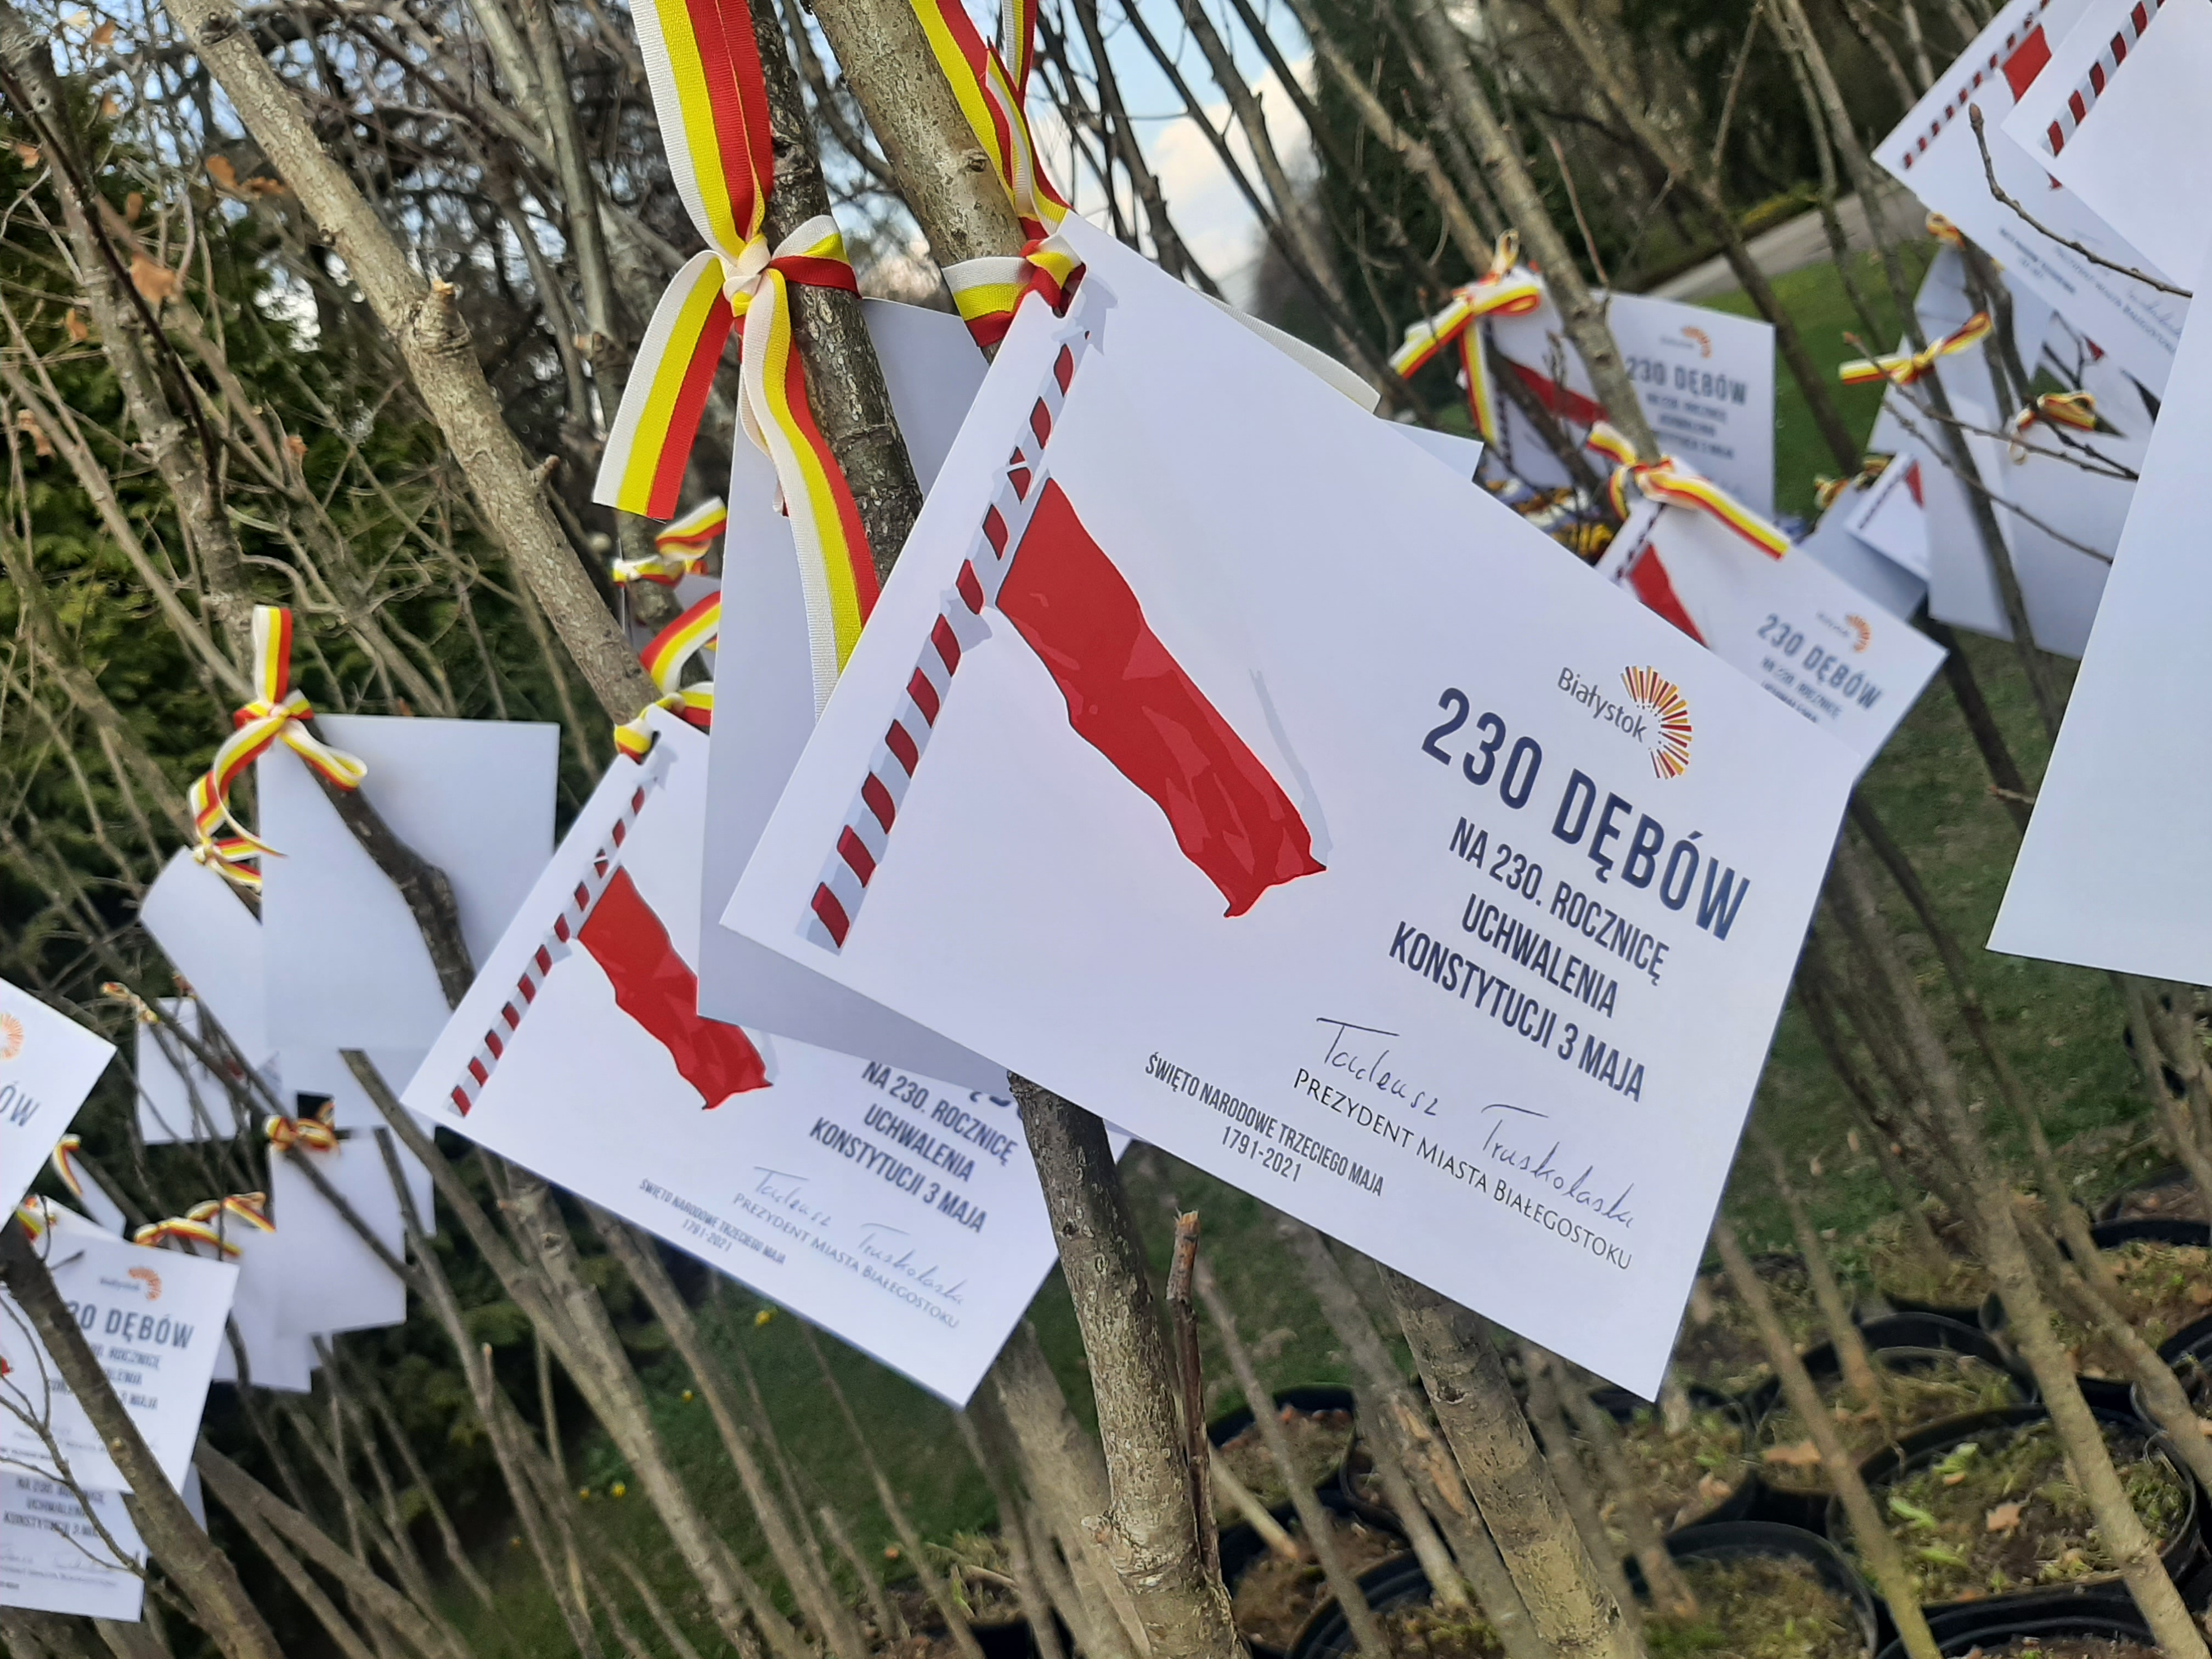 Do sadzonek dębów są przyczepione karteczki z napisem: 230 dębów na 230. rocznicę uchwalenia Konstytucji 3 maja. Pod tym hasłem znajduje się podpis prezydenta Białegostoku Tadeusza Truskolaskiego. Drzewka są przewiązane żółto - czerwonymi wstążkami